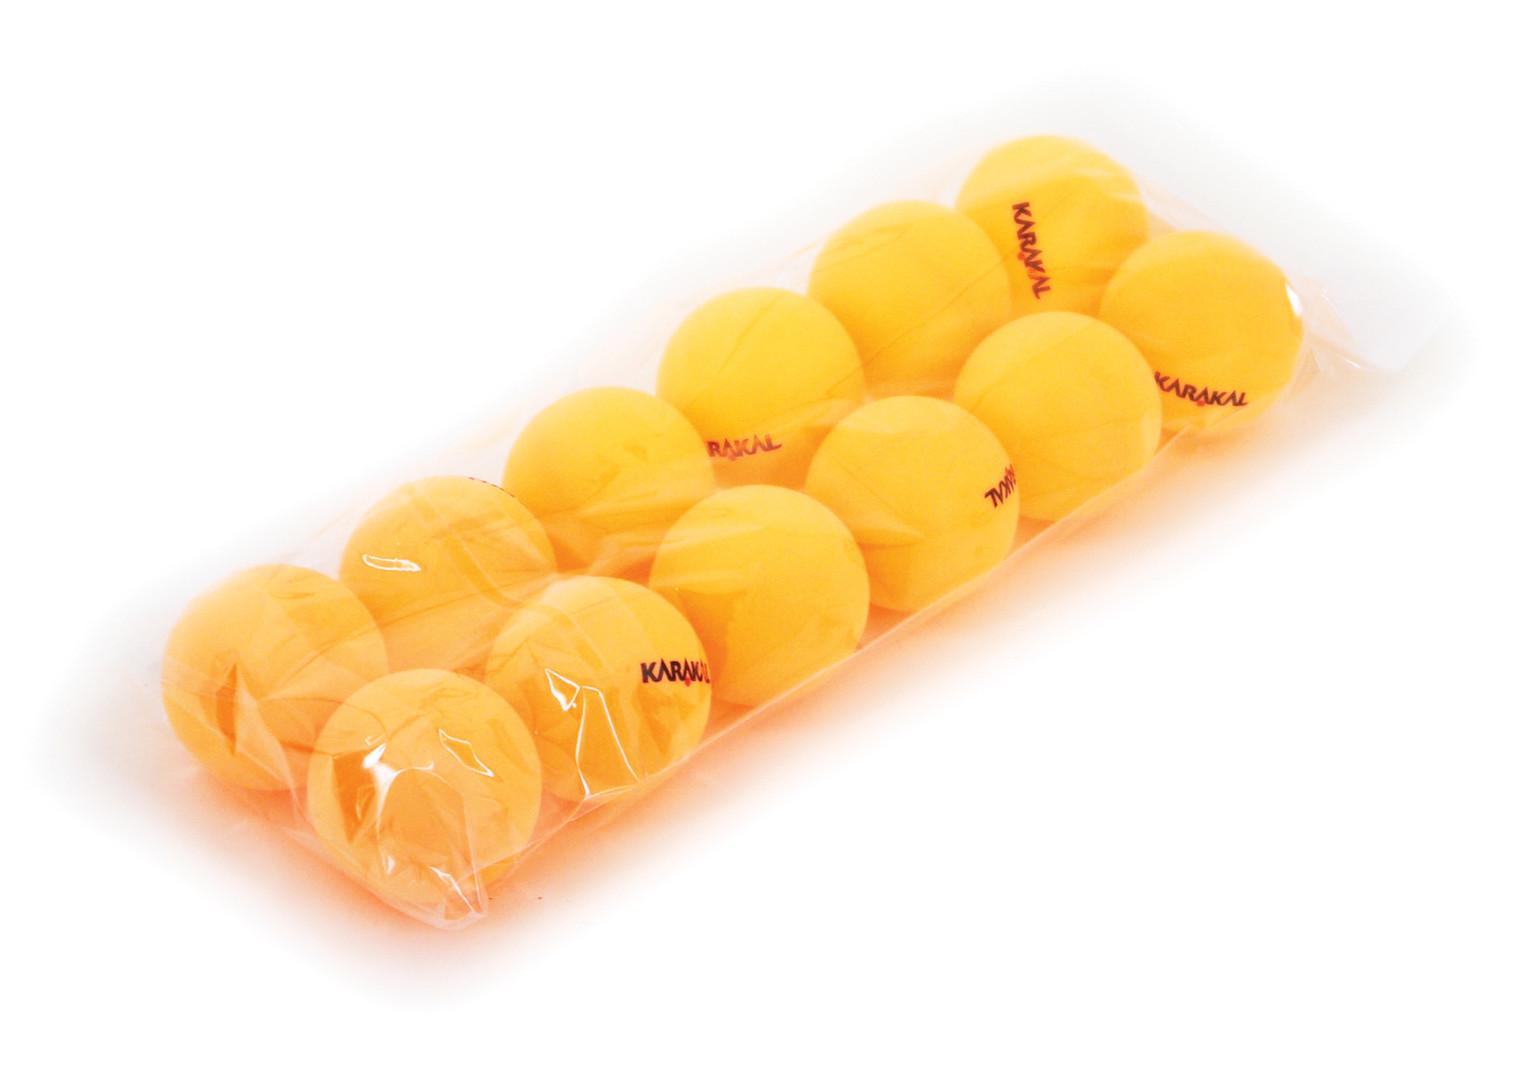 KD914-BallsOrangex12-01.jpg